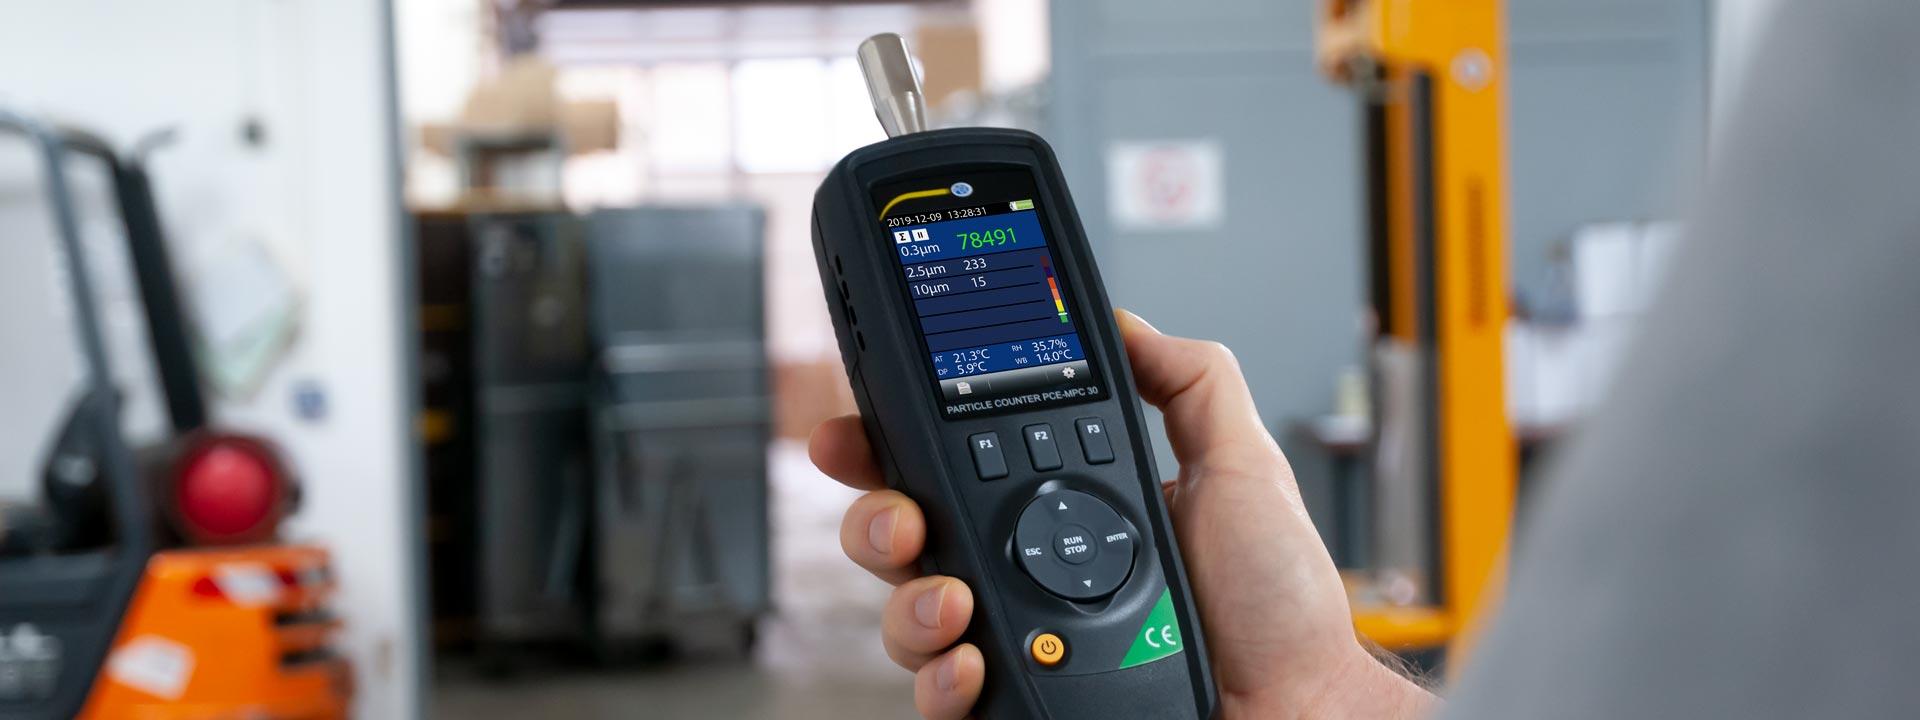 Misuratore di qualità dell'aria PCE Instruments